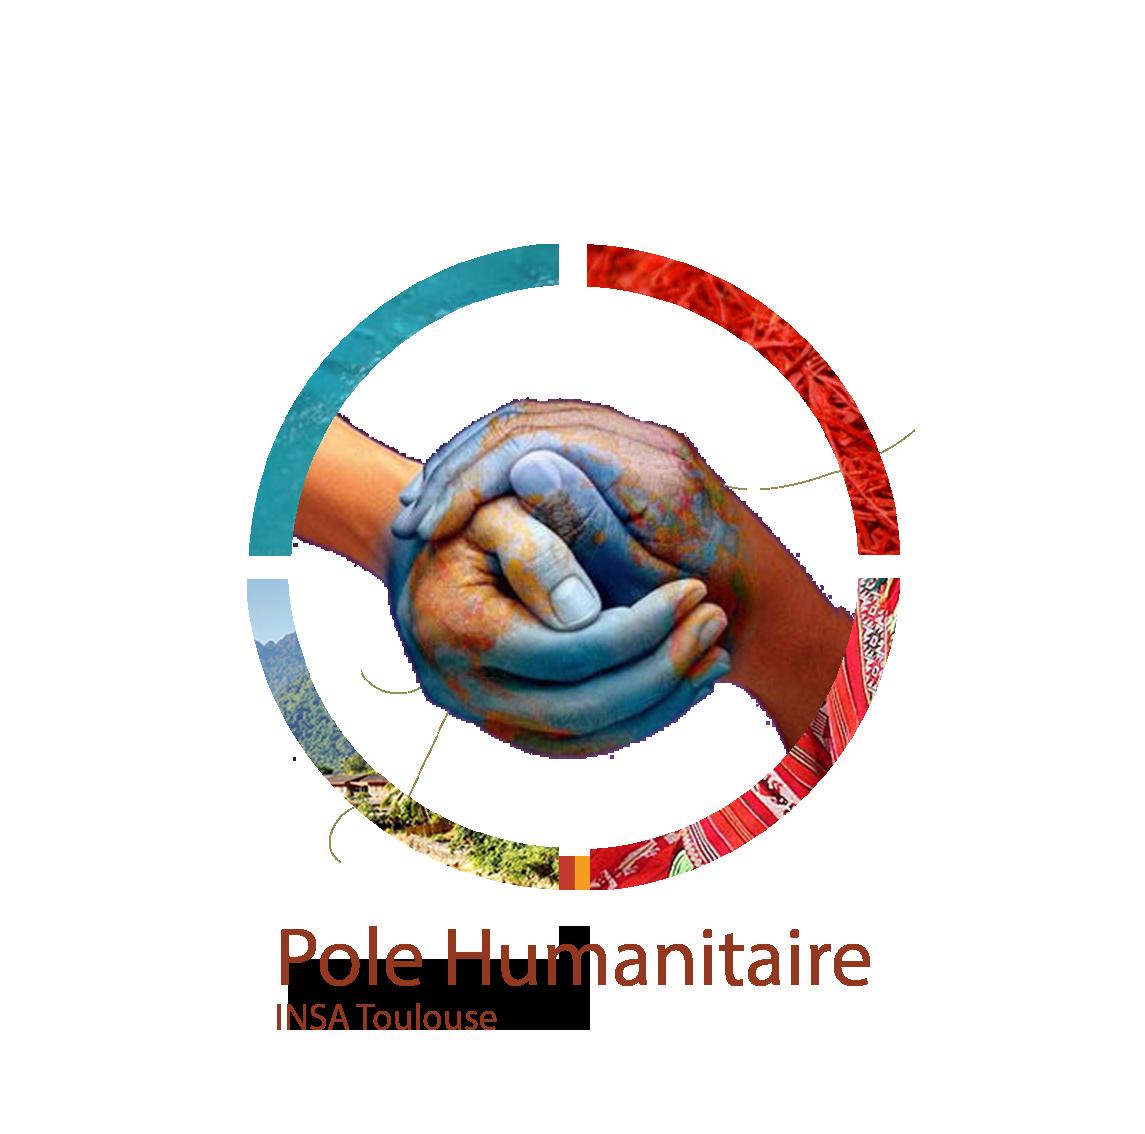 Association - Pôle humanitaire de l'INSA Toulouse